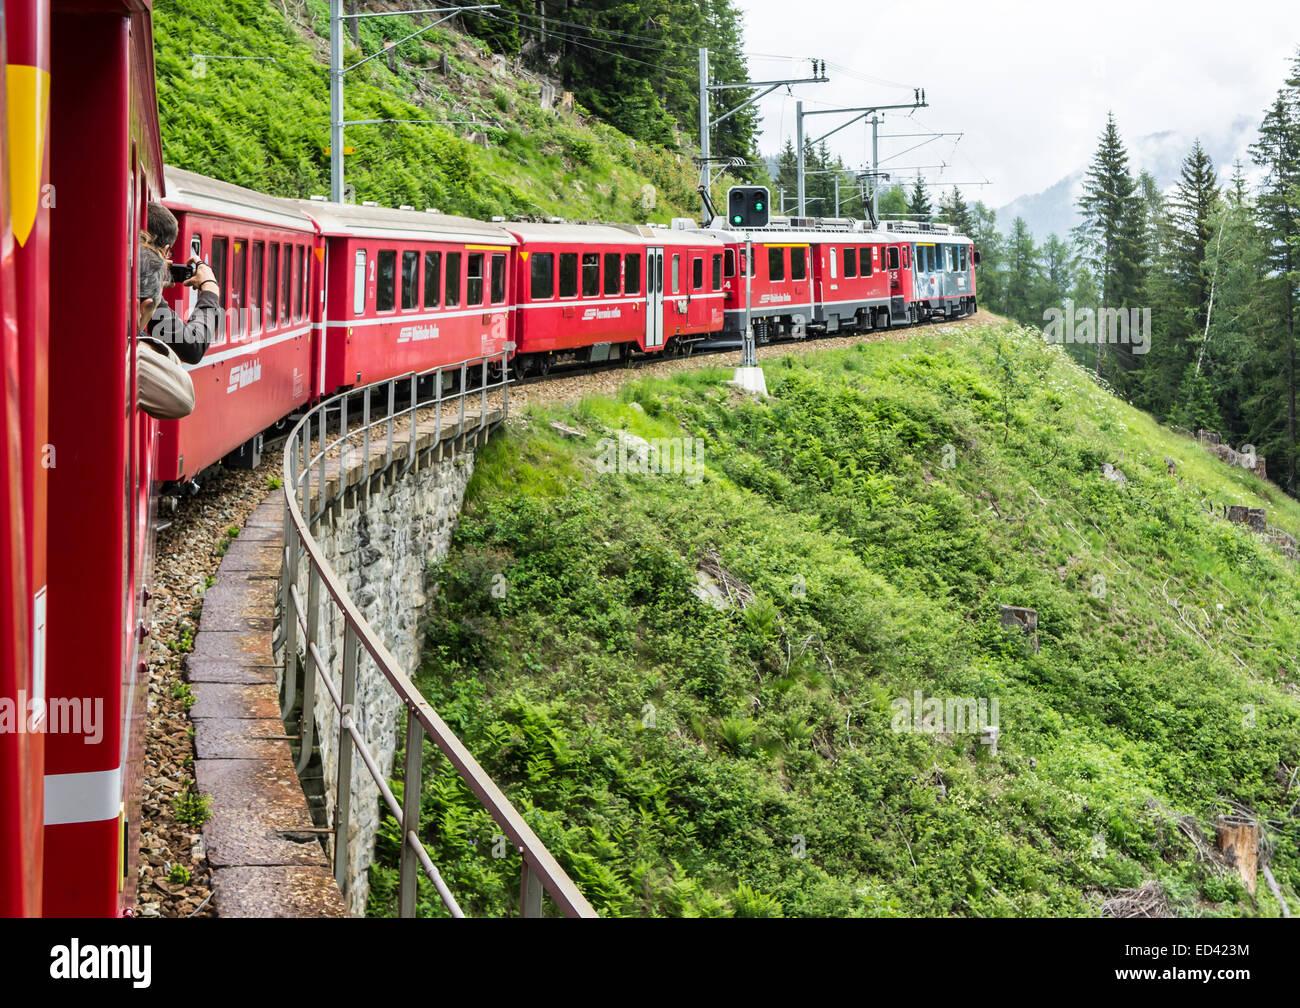 Rhatische Bahn train en route to St. Moritz in Switzerland above Poschiavo on the Bernina railway route - Stock Image